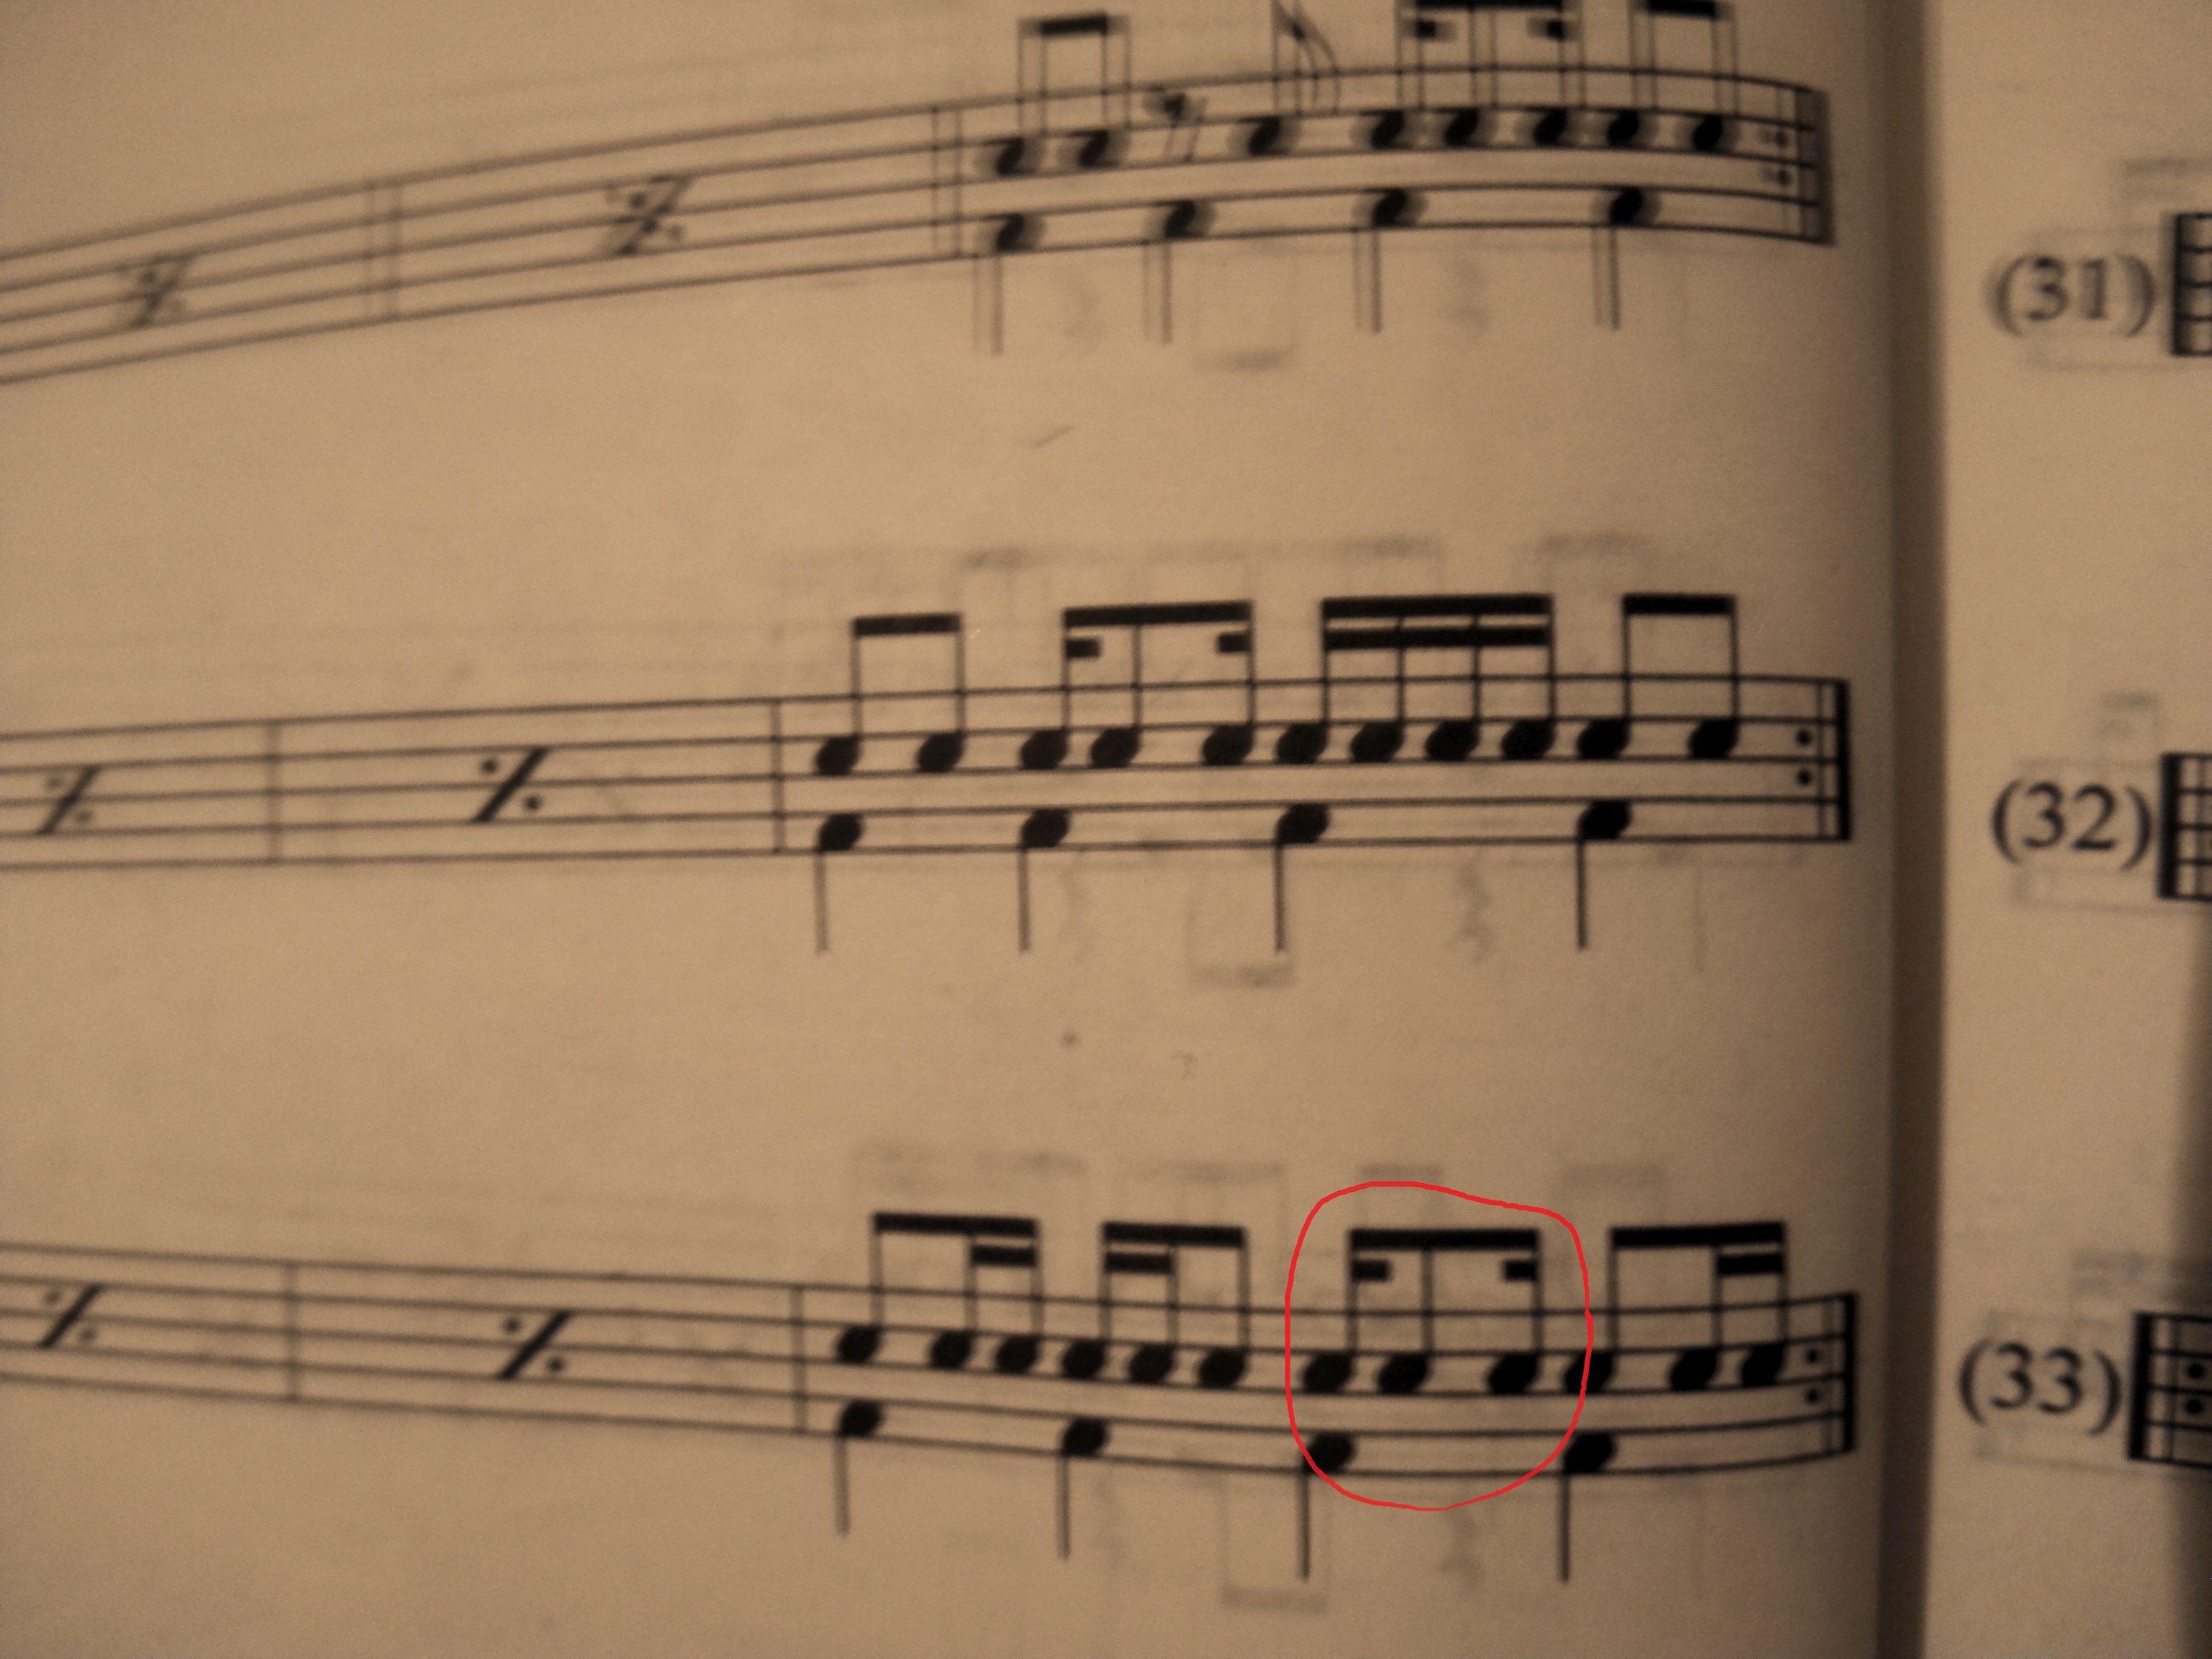 那最后一个(也就是红圈里第三个16分的)音符后面停1/4拍吗?